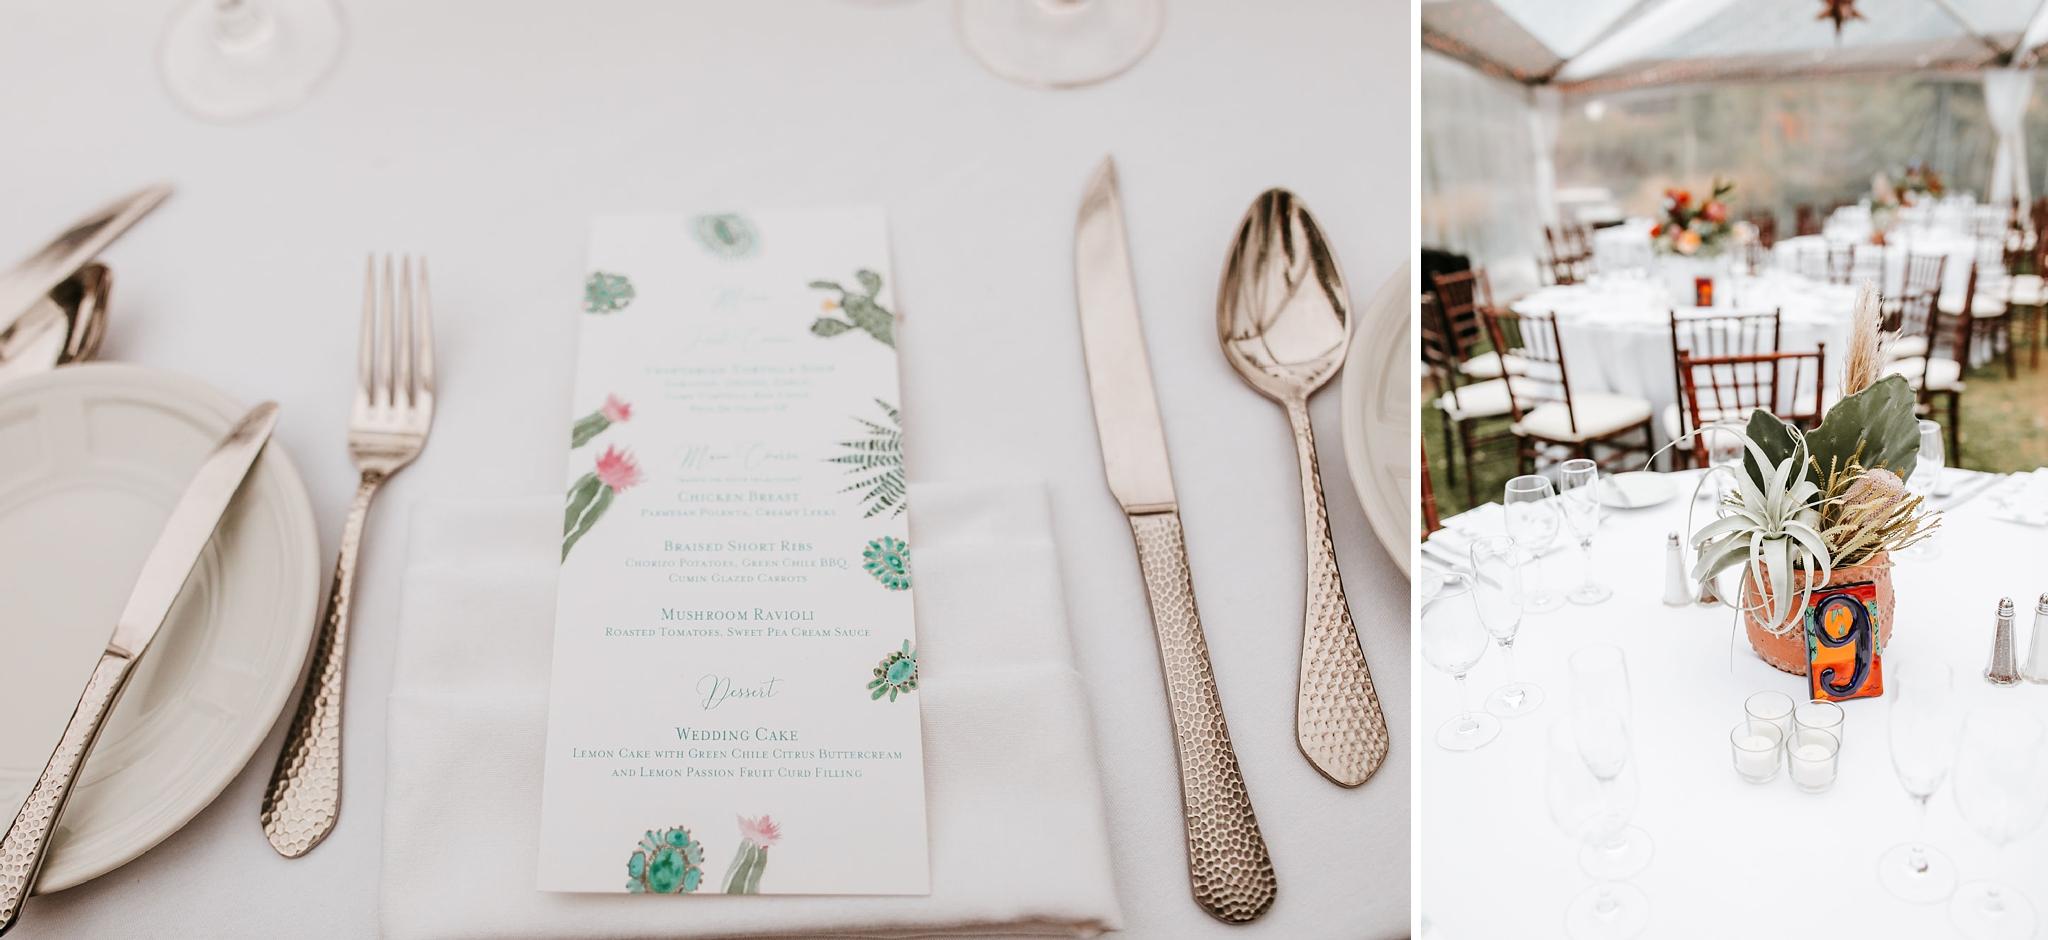 Alicia+lucia+photography+-+albuquerque+wedding+photographer+-+santa+fe+wedding+photography+-+new+mexico+wedding+photographer+-+new+mexico+wedding+-+new+mexico+wedding+-+wedding+florals+-+desert+wedding+-+wedding+trends_0018.jpg